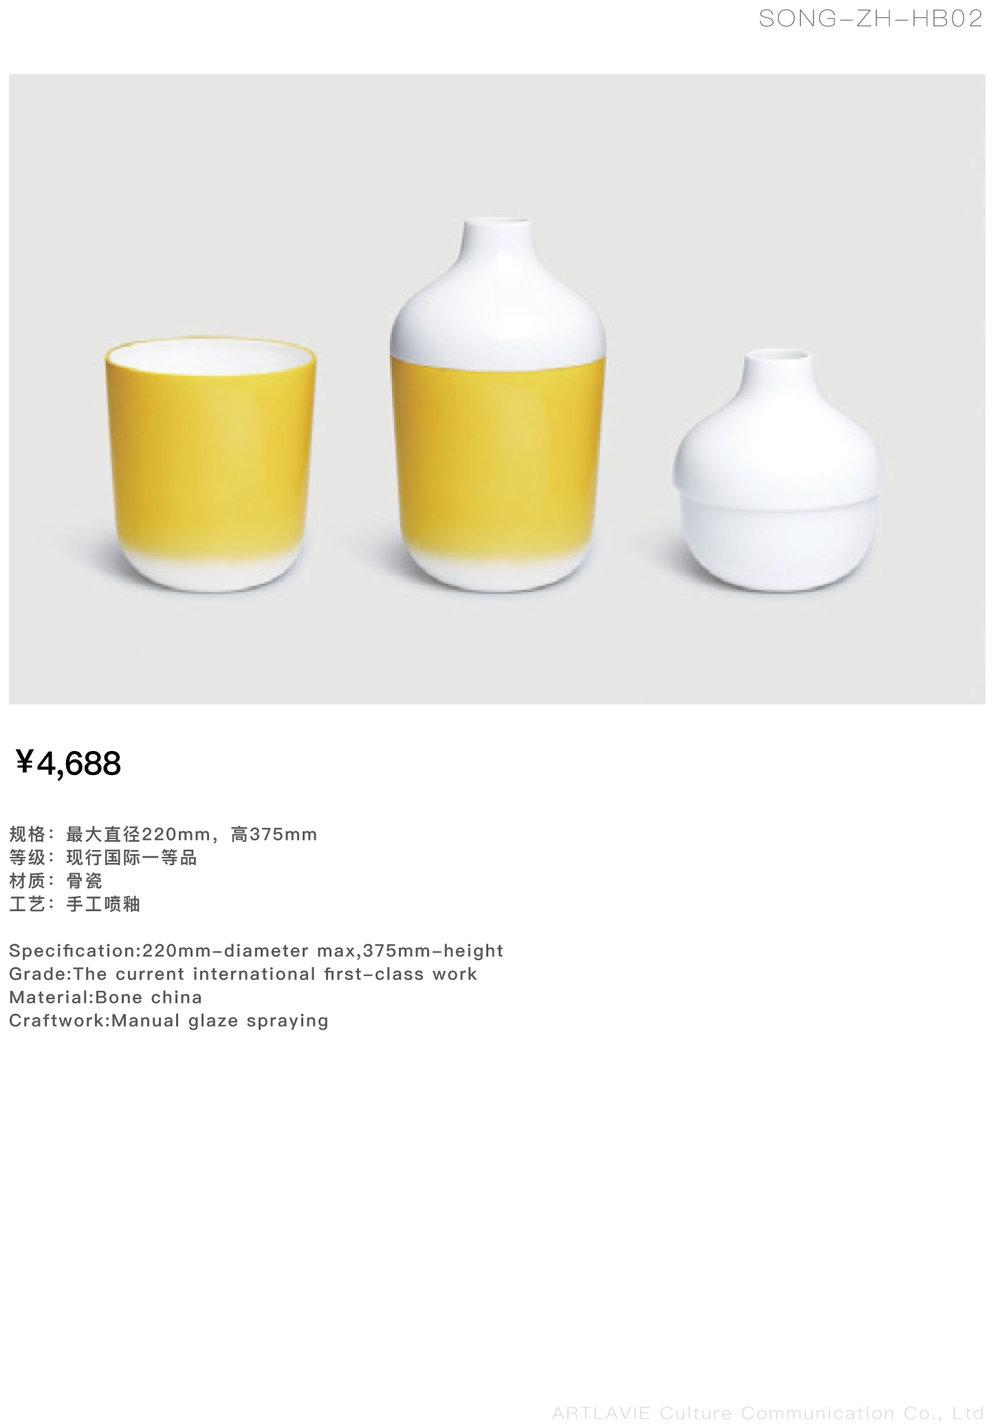 song系列花瓶目录-4.jpg